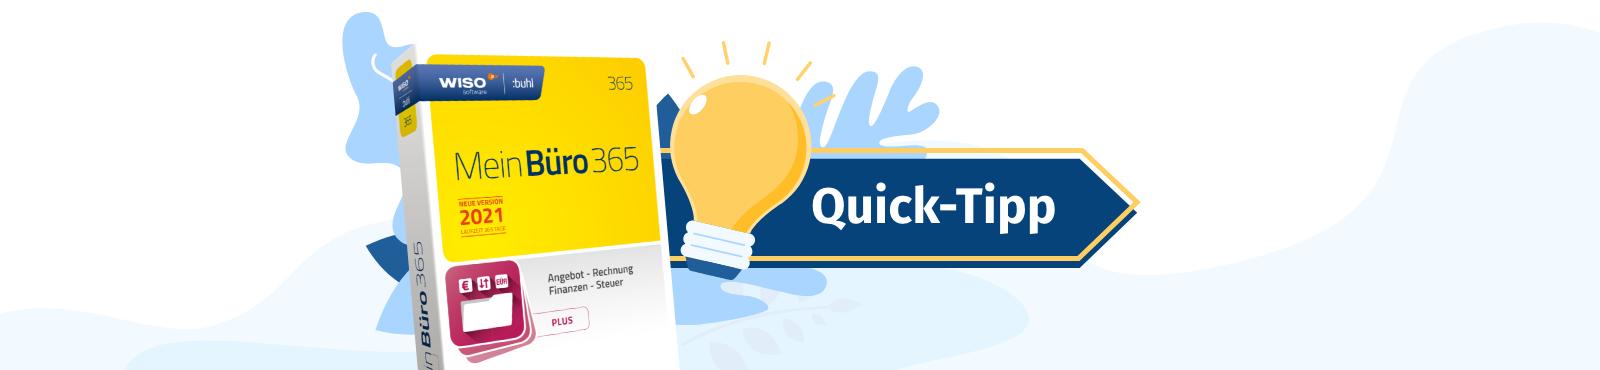 MeinBüro Quicktipp: Alle offenen Kundenvorgänge auf einen Blick